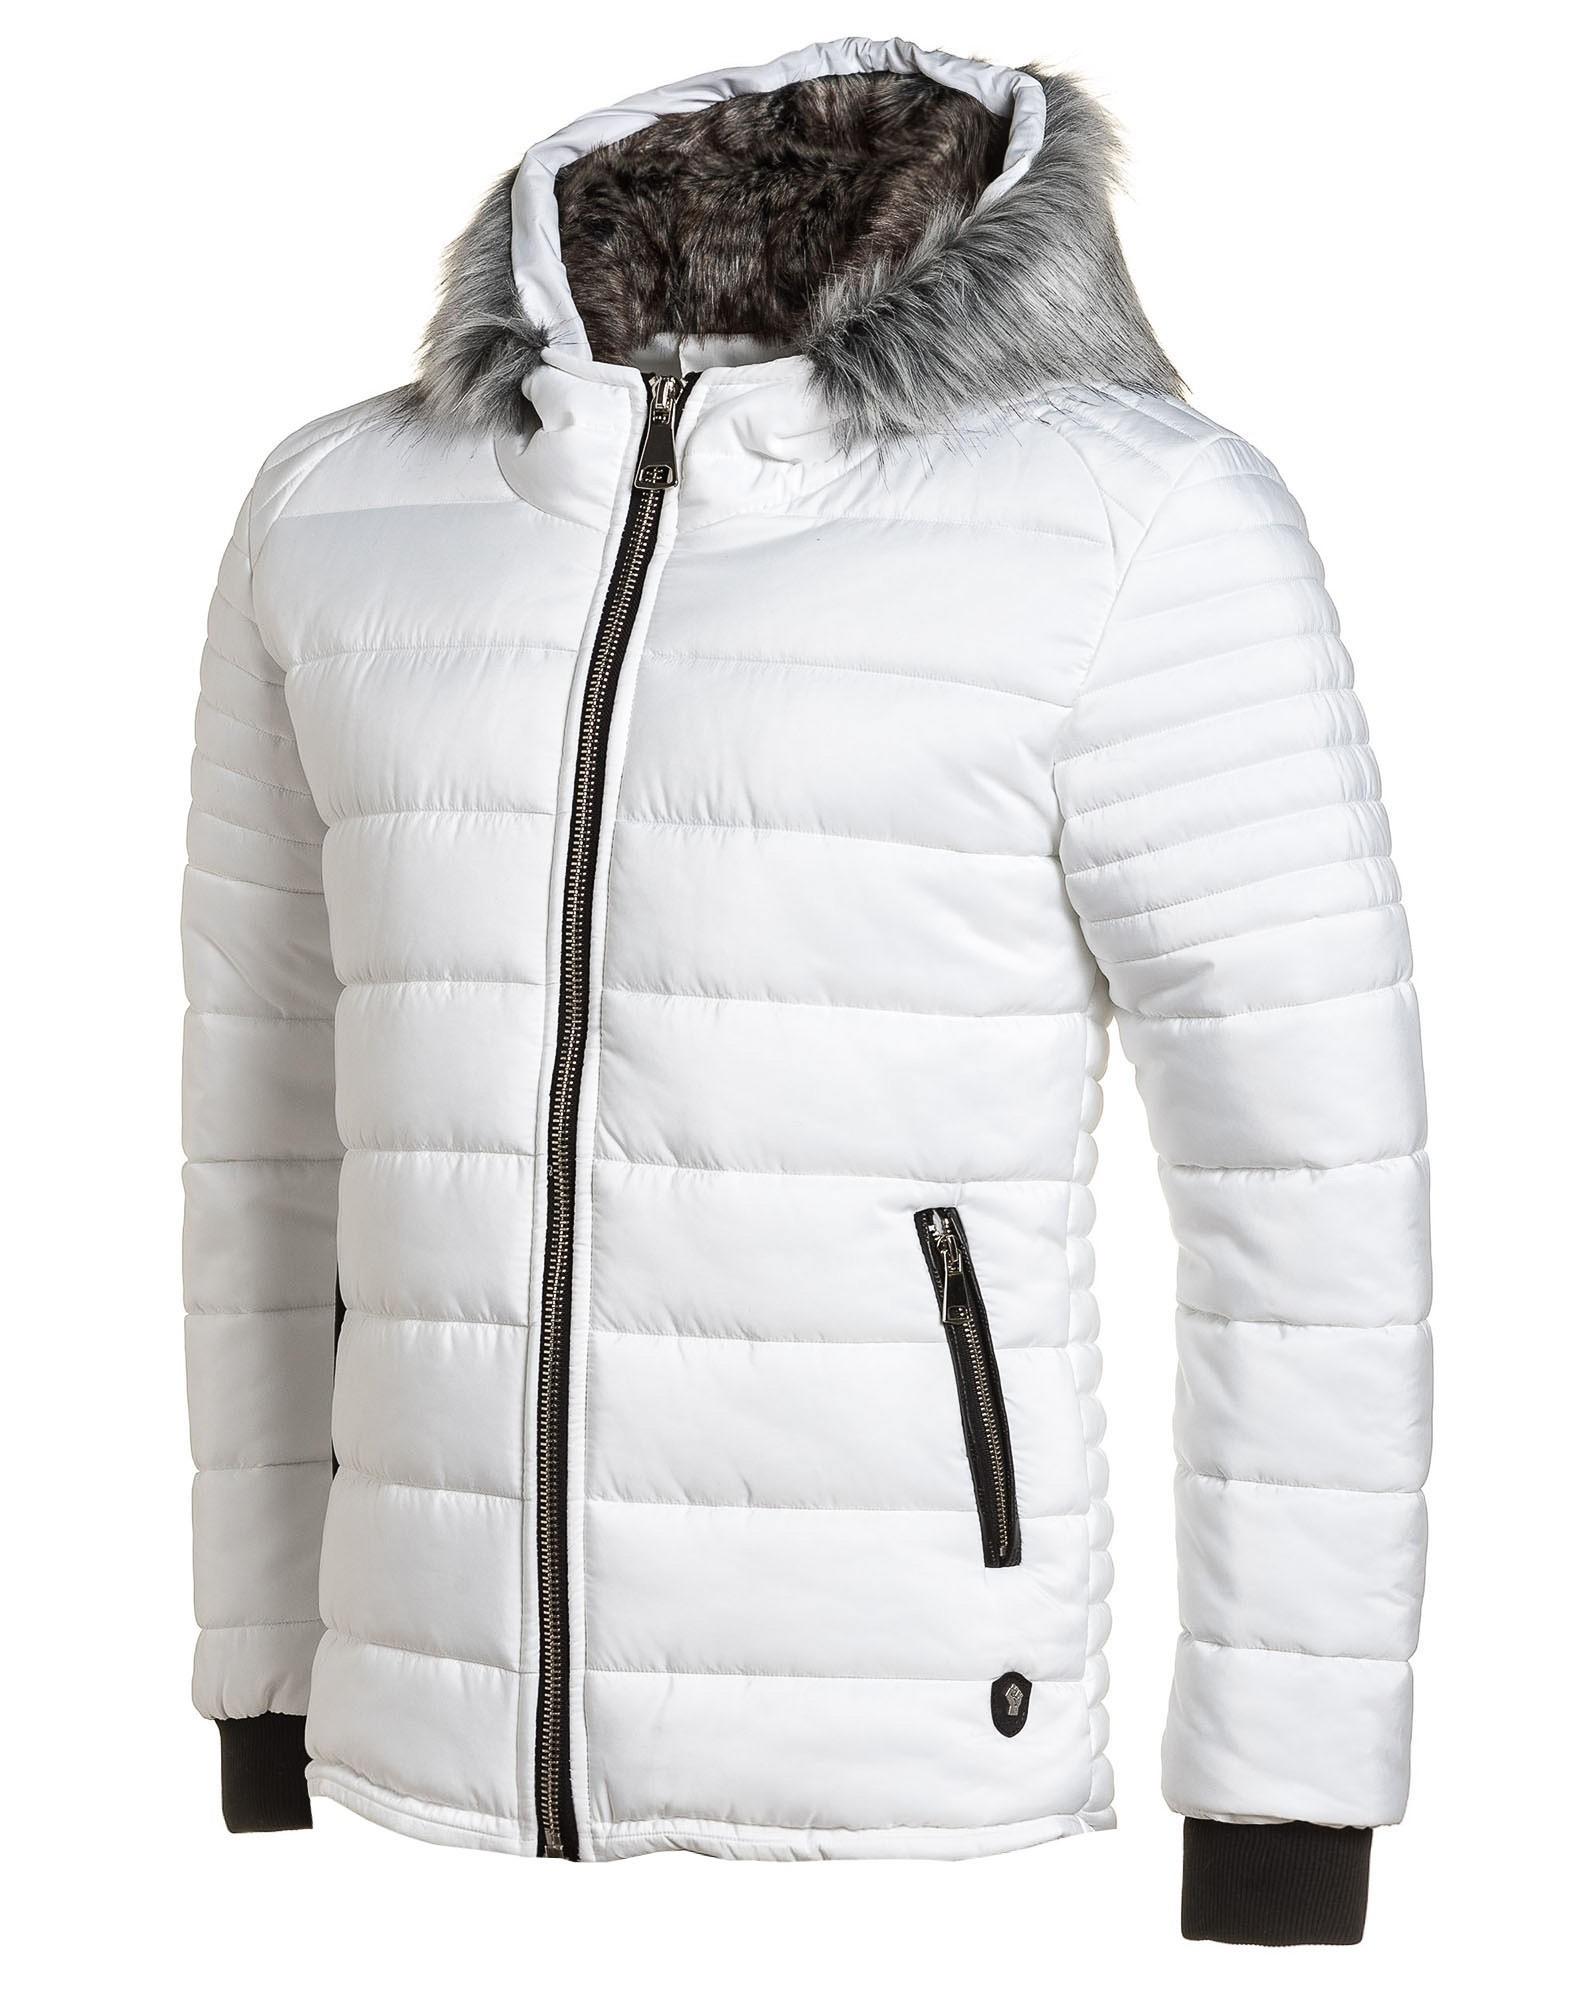 Doudoune homme blanche capuche fourrure fashion